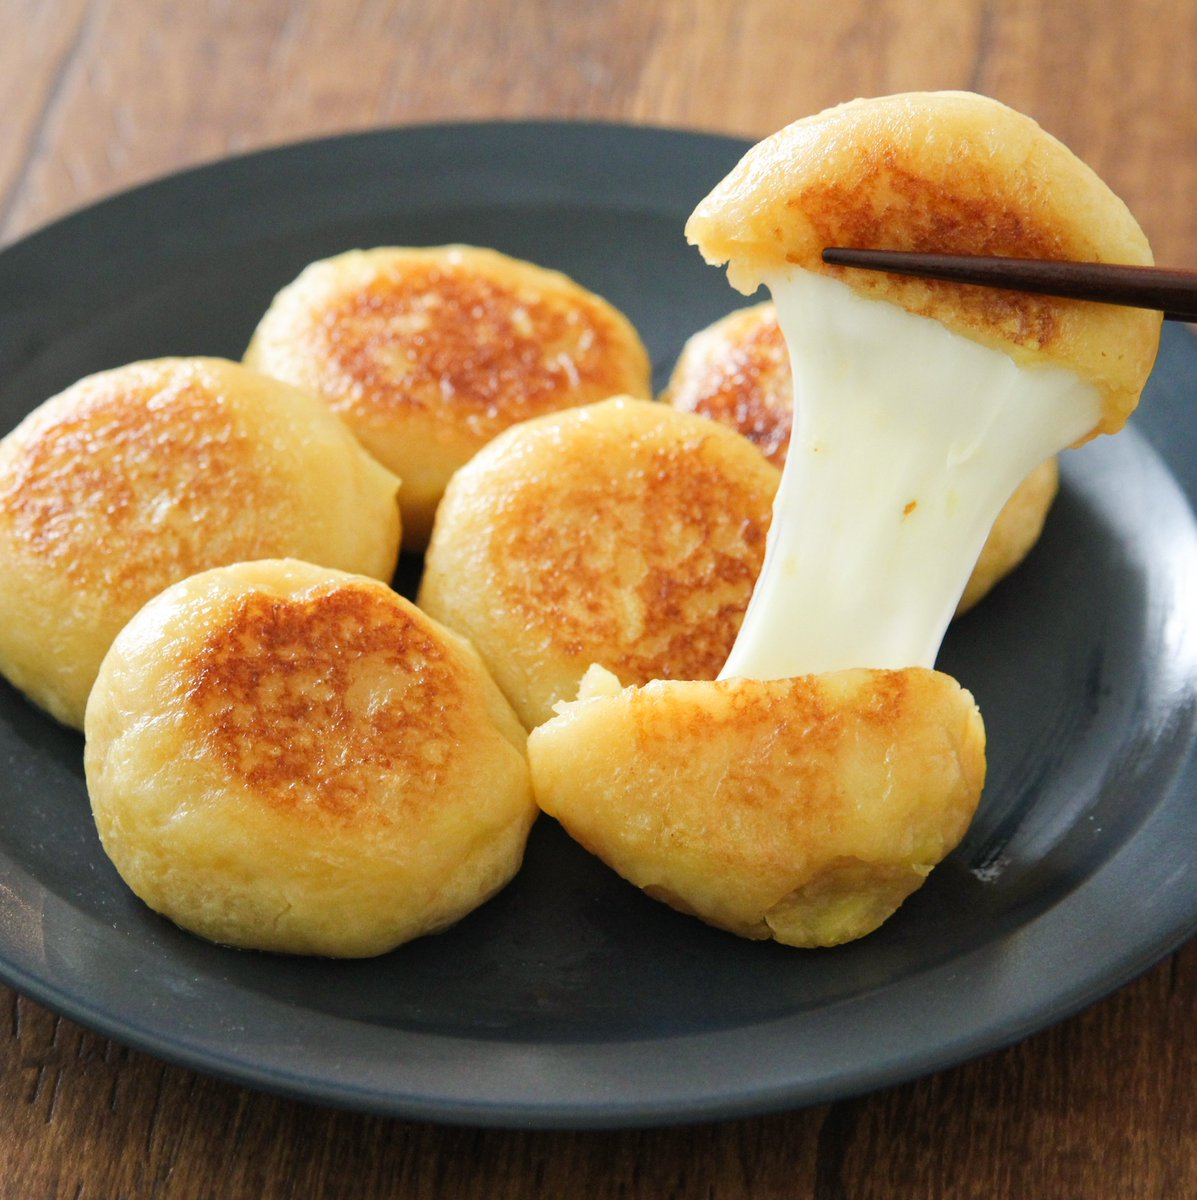 この伸びるチーズいももち無限に食べてたいくらいハマる…うま味調味料で芋の甘み&コク増します。芋300g5分程チンし潰しうま味調味料3ふり、醤油大さじ1/2、牛乳・片栗粉各大さじ3混ぜ6等分し、さけるタイプのチーズ2本分をのせ包んで厚さ1cmの平たい丸に整え、バター10g熱したフライパンで焼く。